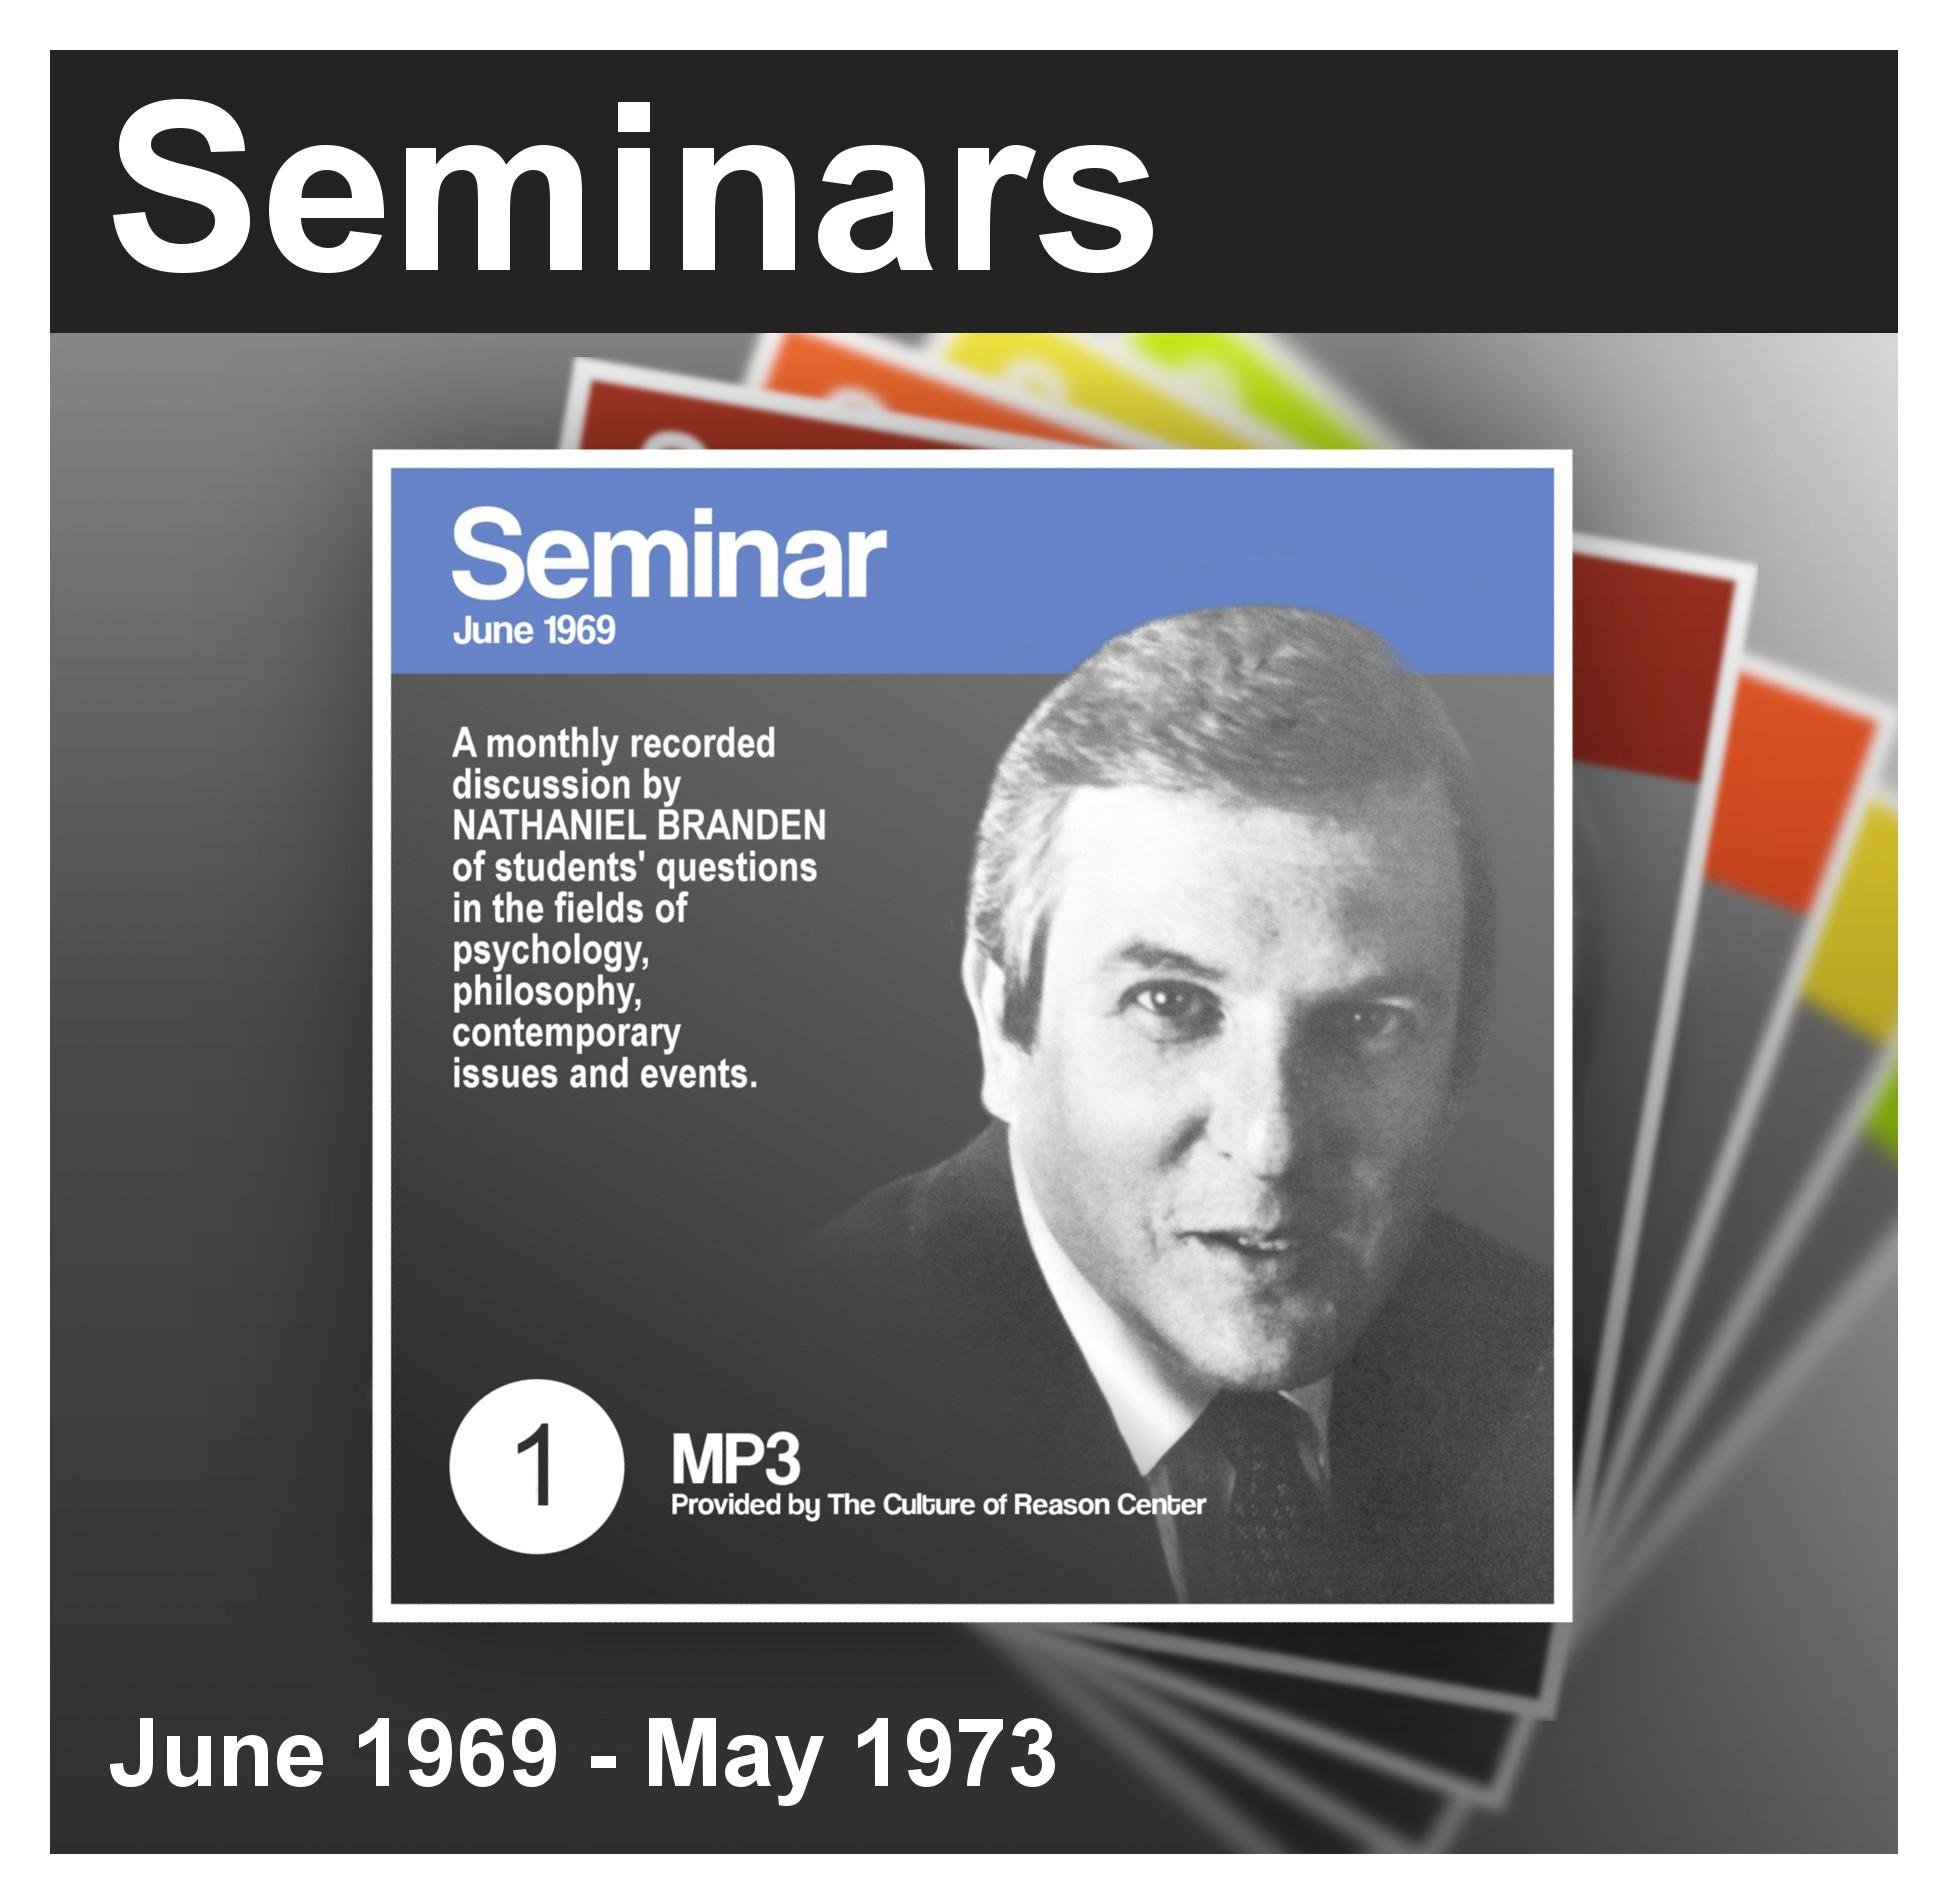 Nathaniel Branden Seminars (1969 - 1973)